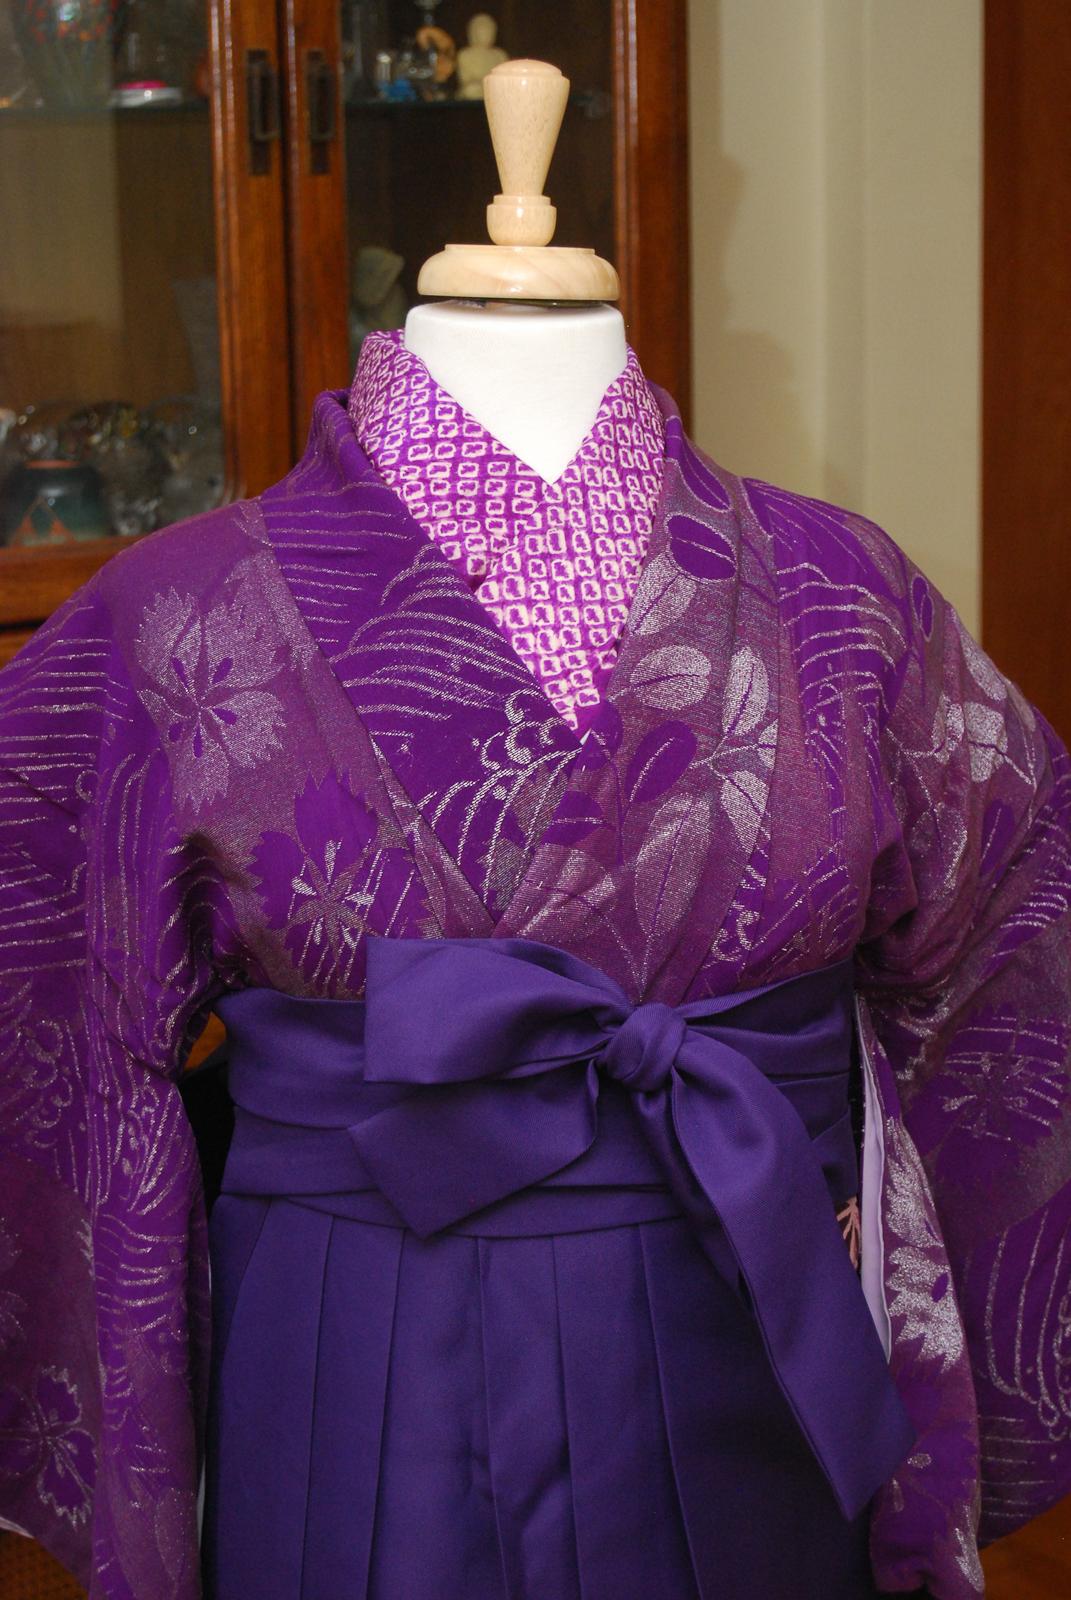 Purple Rain - 着物月 Kimono Tsuki